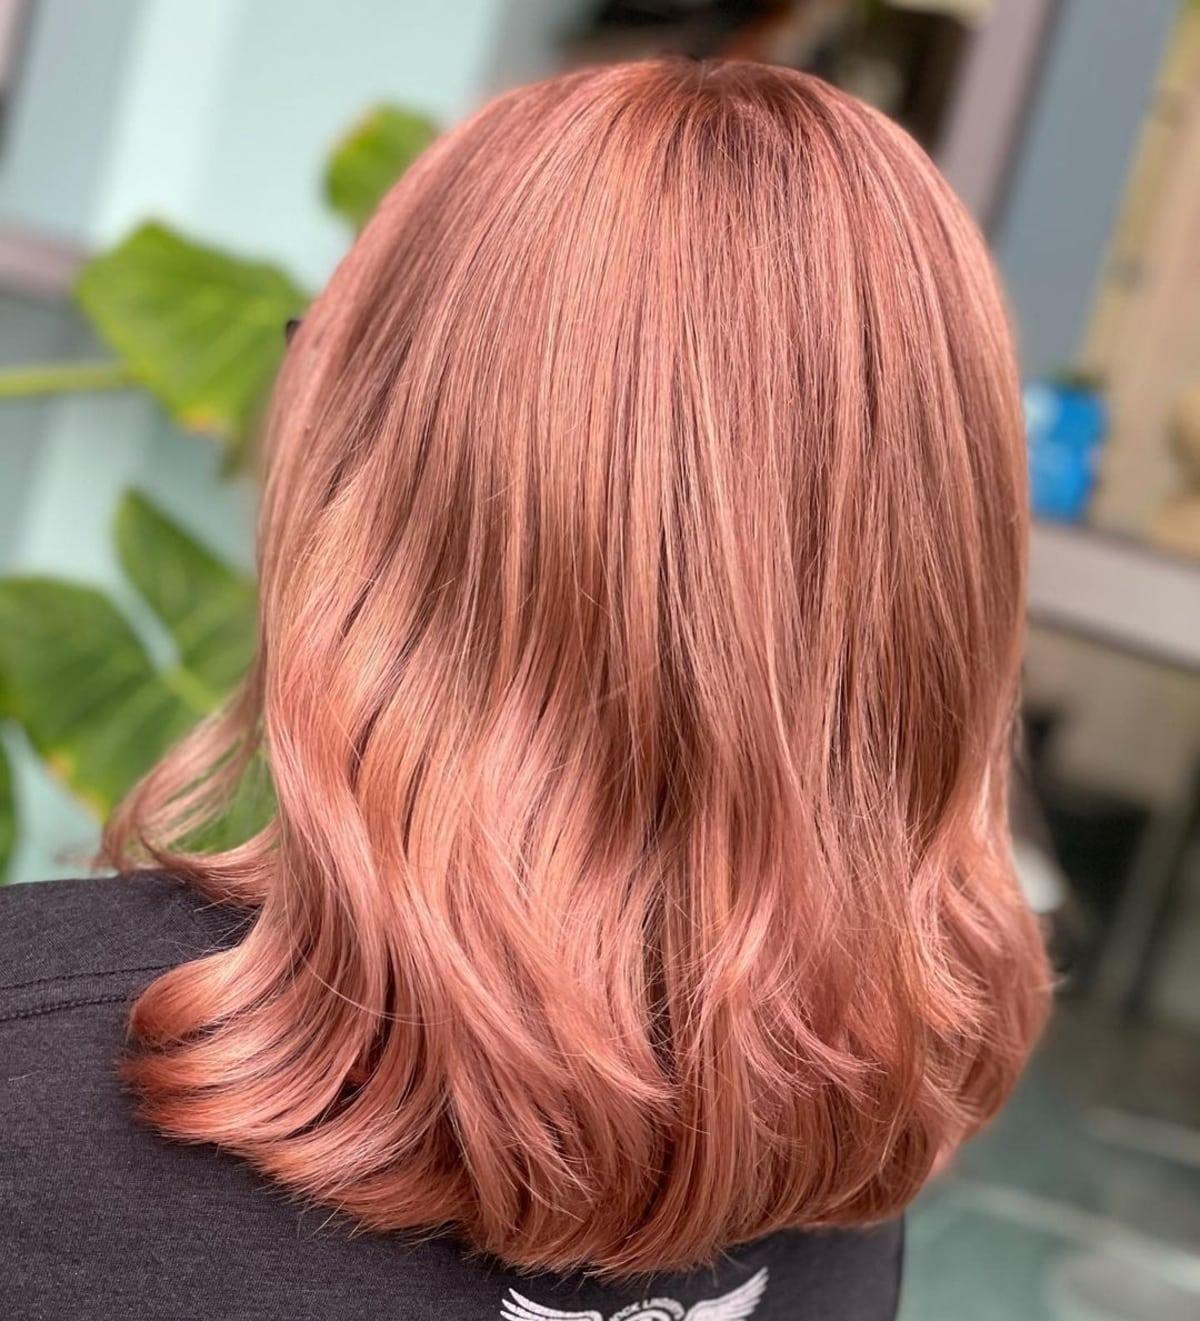 Cabello rubio de longitud media con reflejos de oro rosa